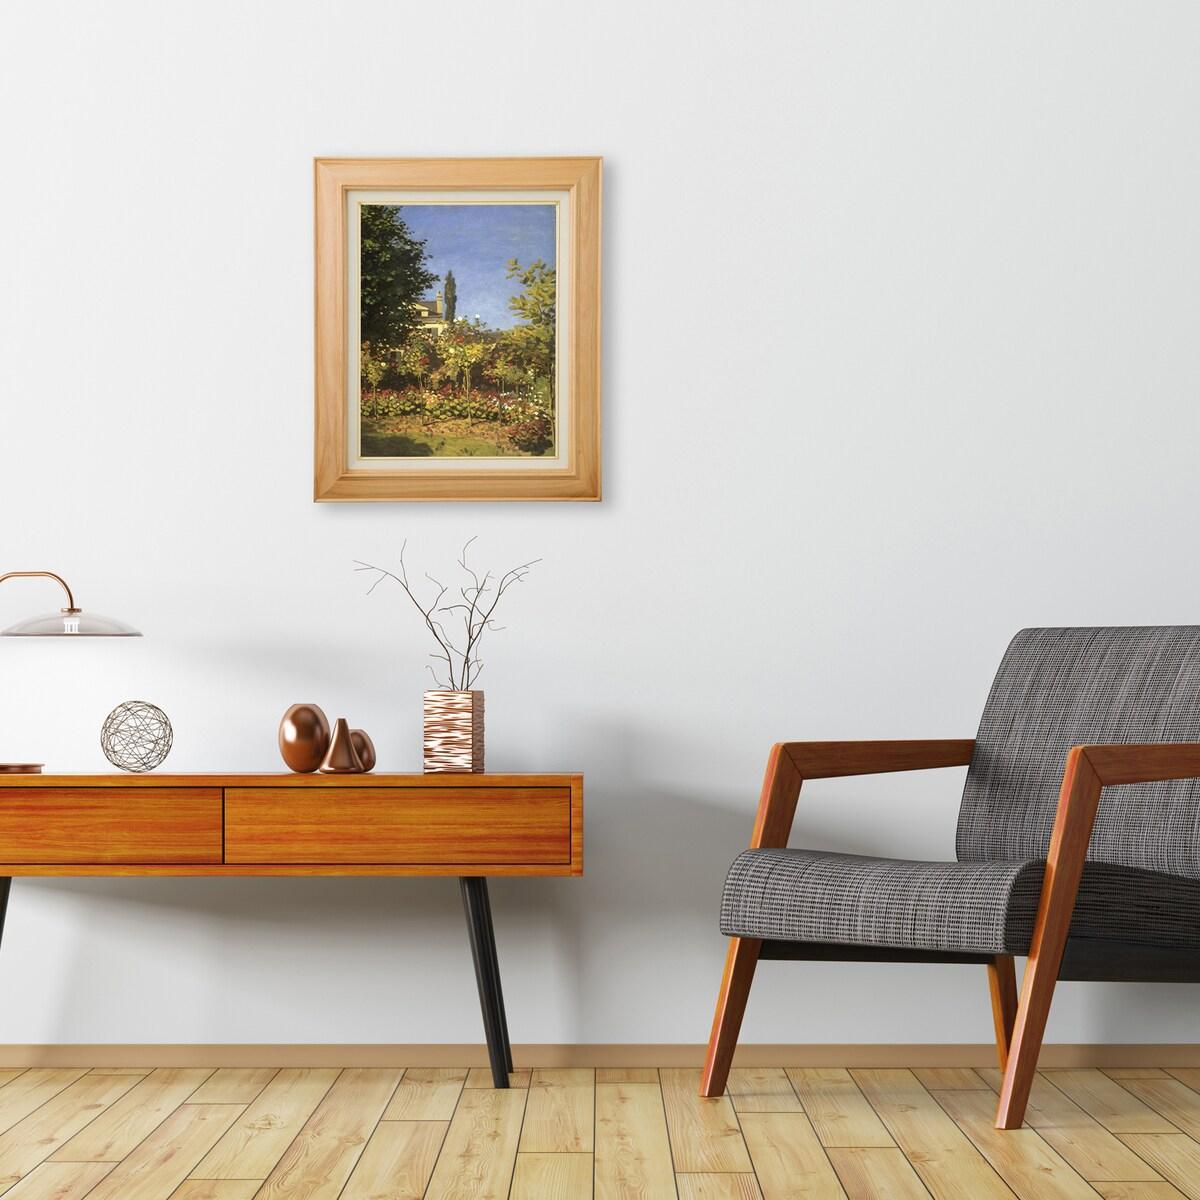 ラーソン・ジュール 油絵用額縁 A826 F4 キジ